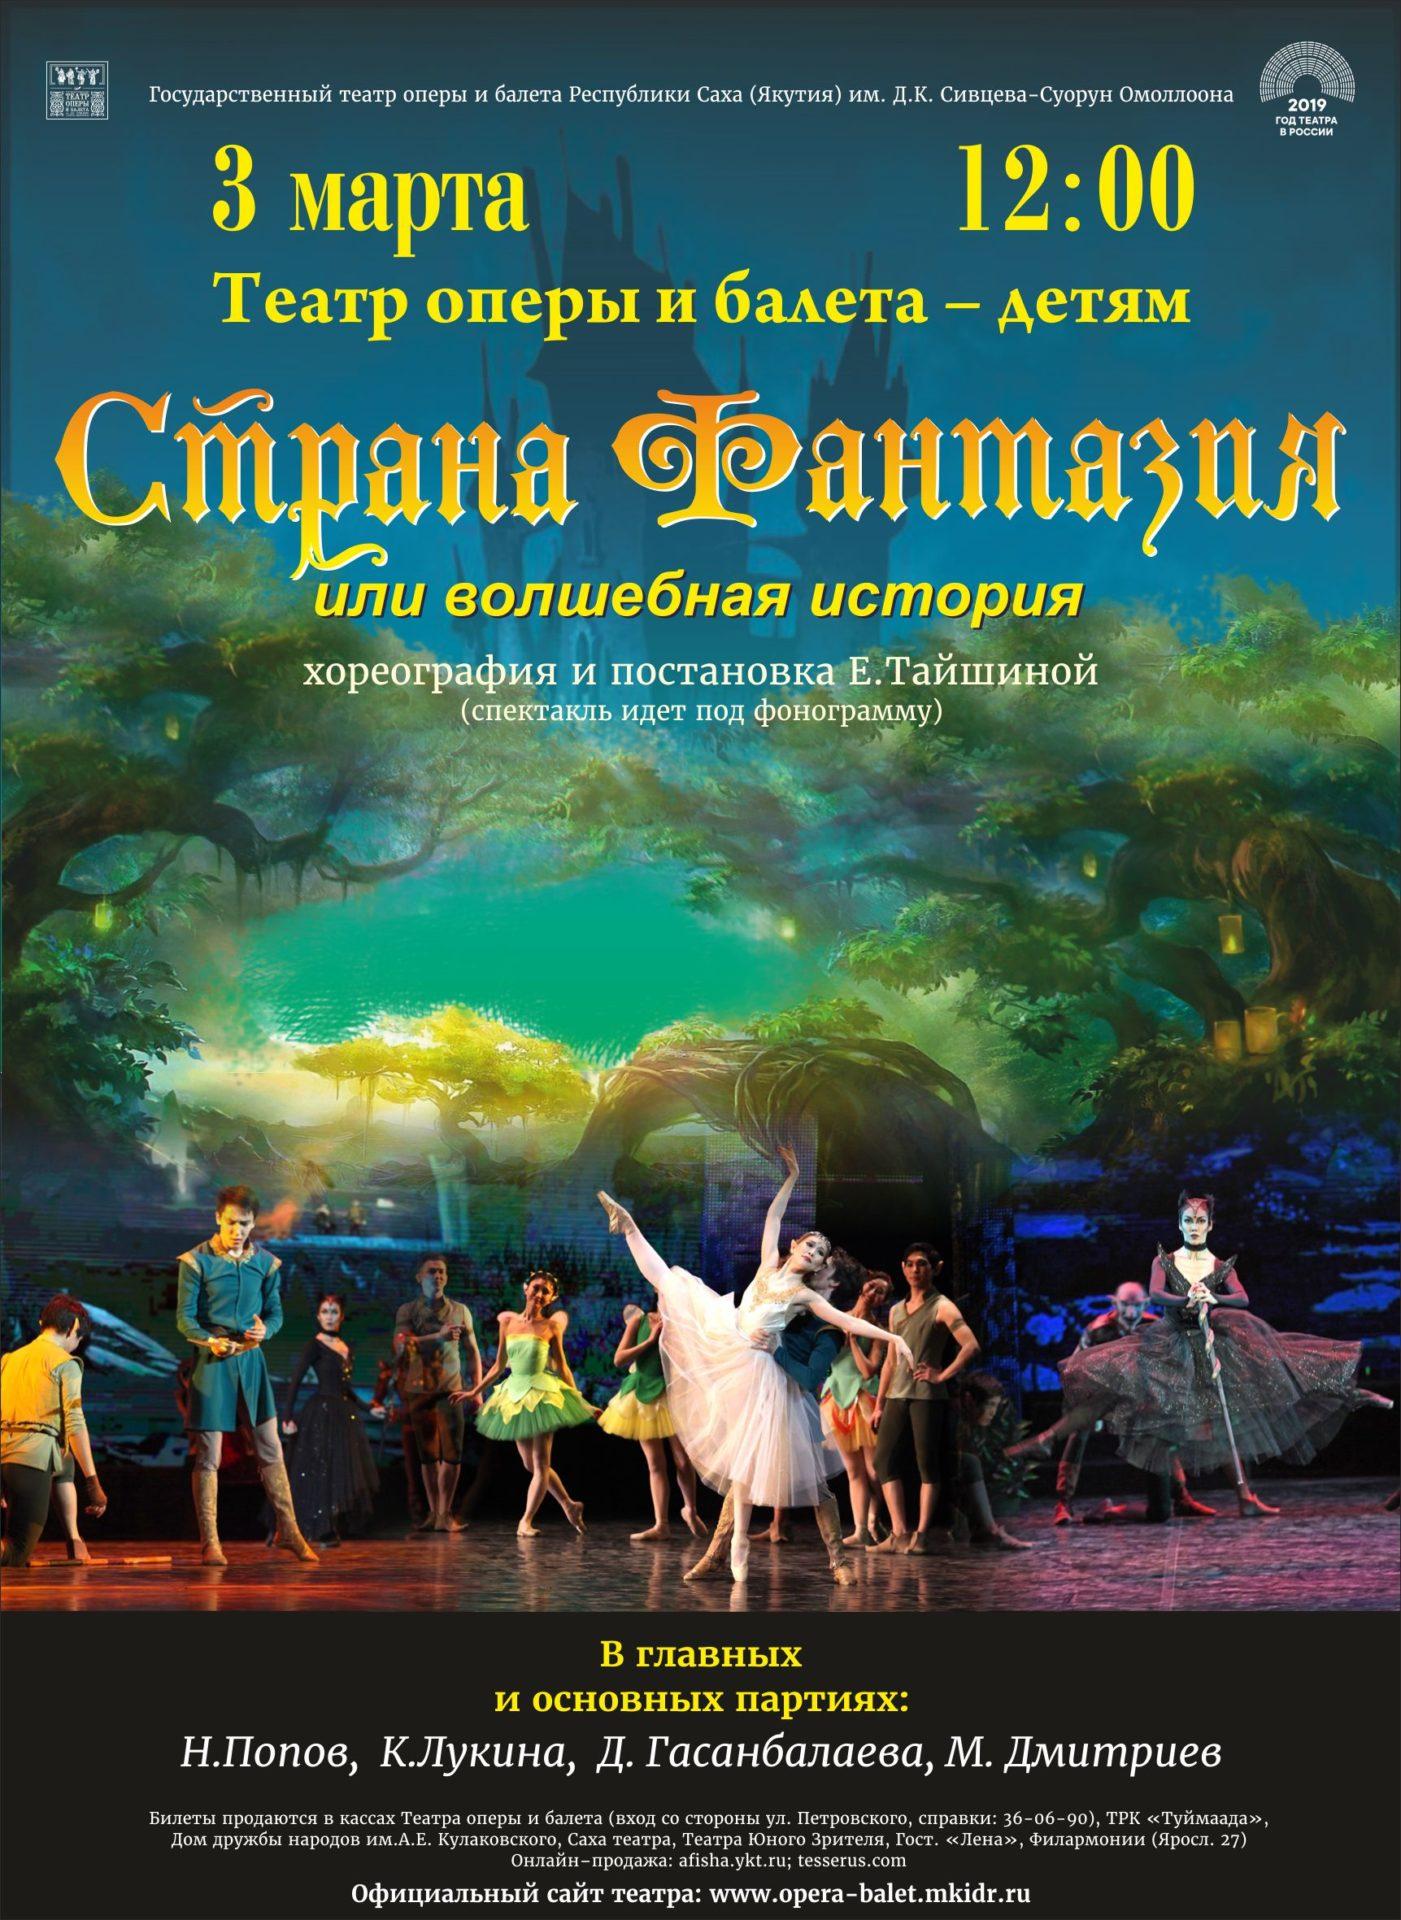 Театр оперы и балета приглашает детей и взрослых на балет-сказку «Страна Фантазия или волшебная история»